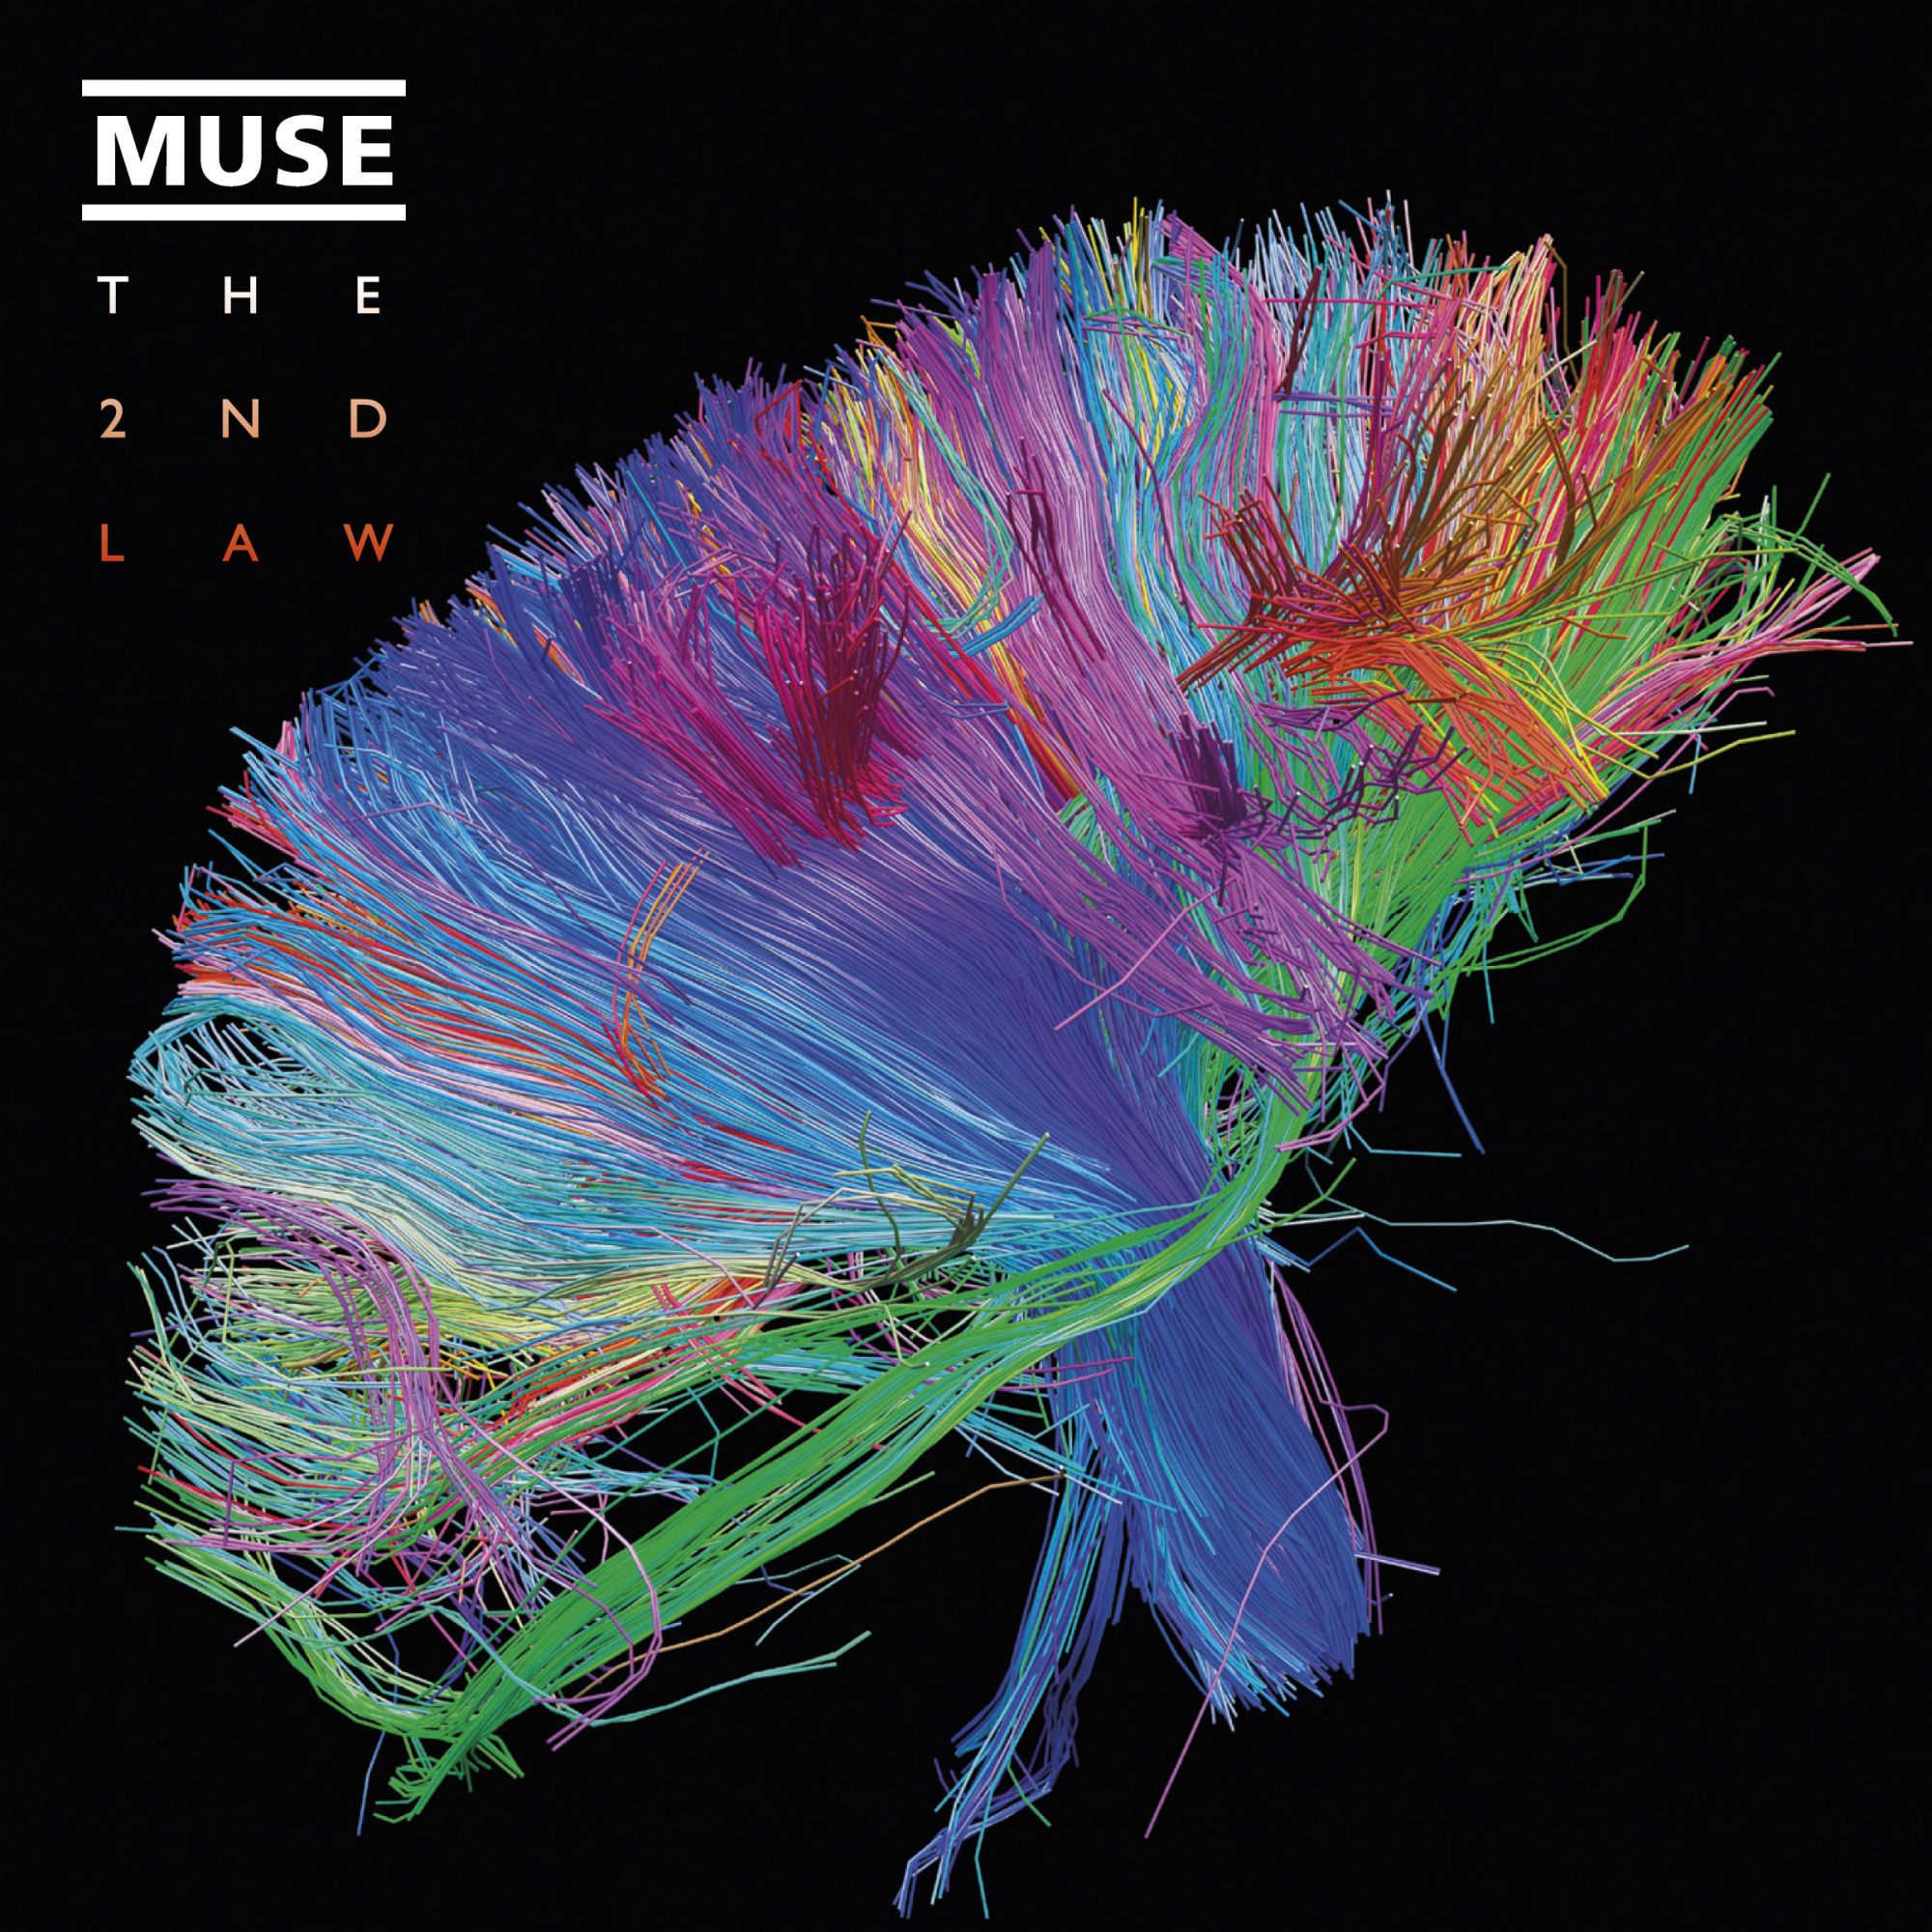 «Второй закон термодинамики» от Muse